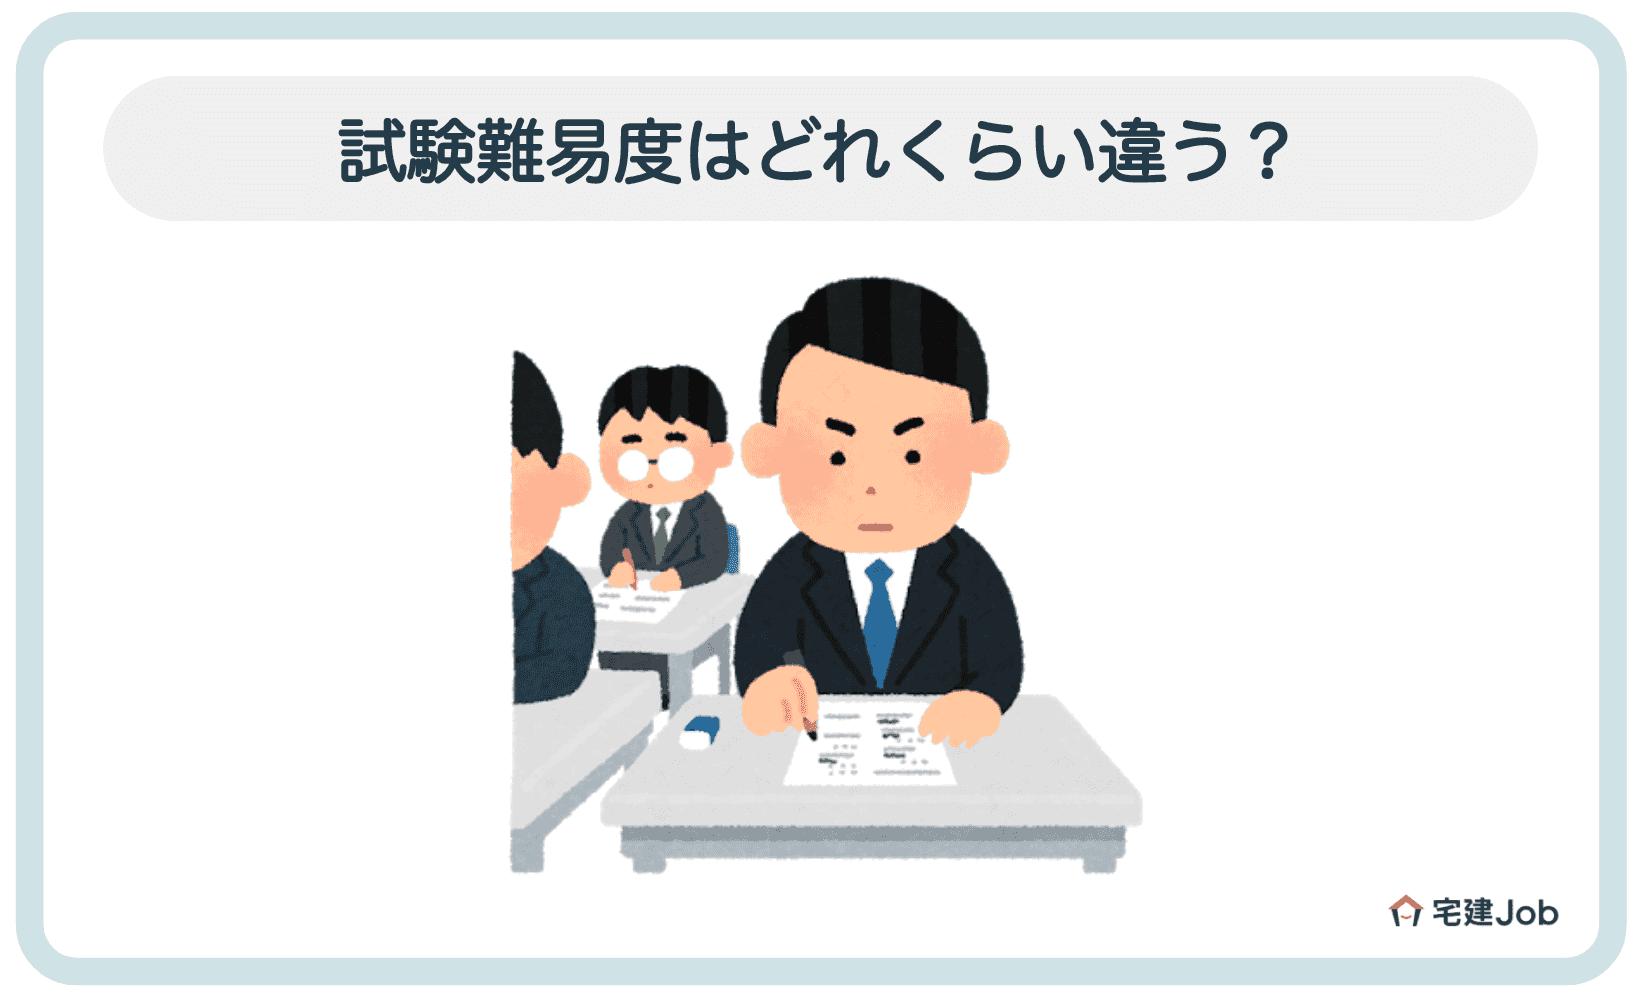 2.不動産鑑定士と土地家屋調査士の違い【資格合格の難易度】